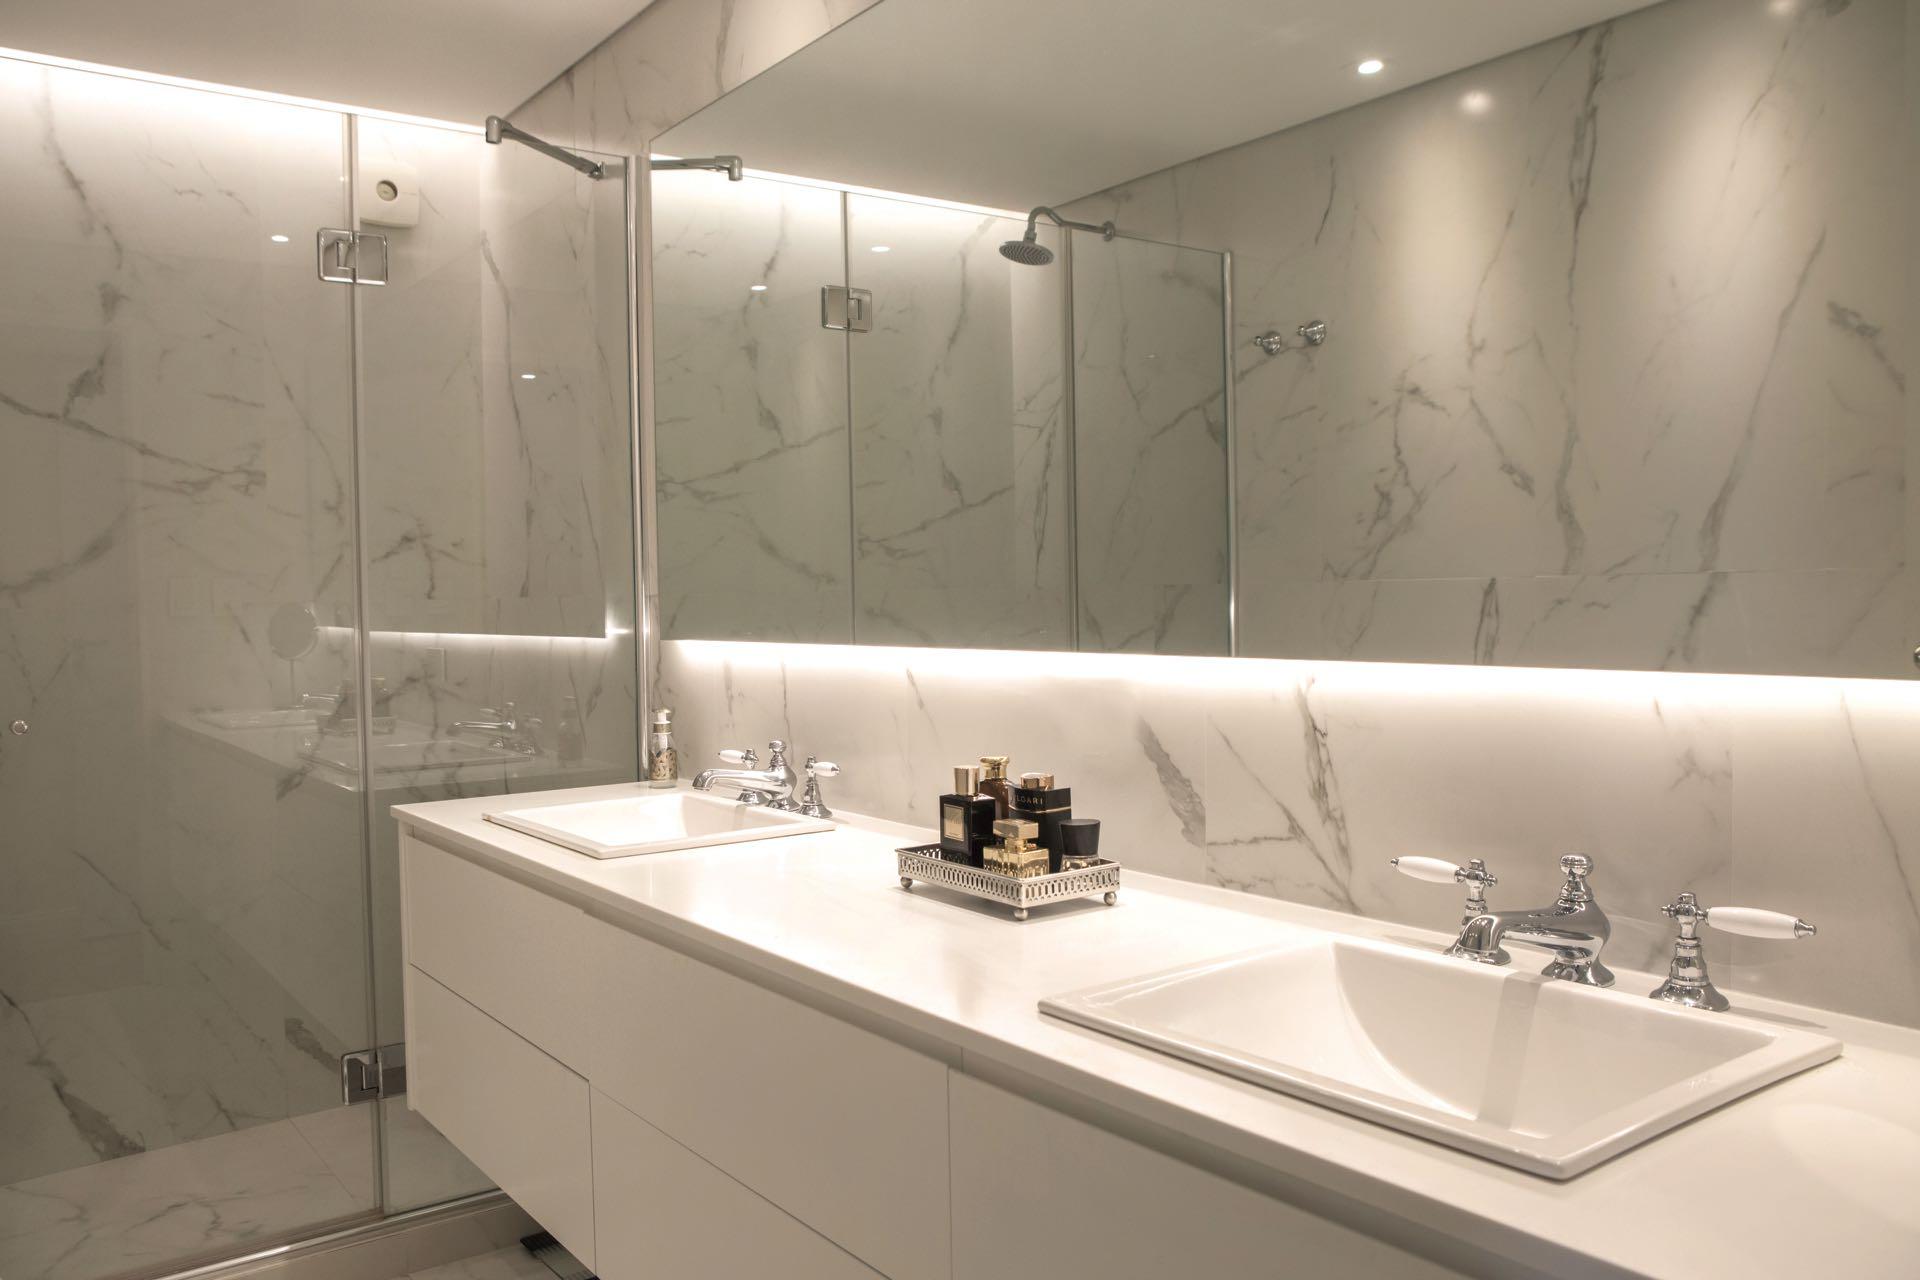 Dónde lo consigo.Aunque desorientaincluso al más atento, el baño no es de mármol sino de porcellanato. Hay varias marcas que loproducen, Ilva es una de las nacionales.